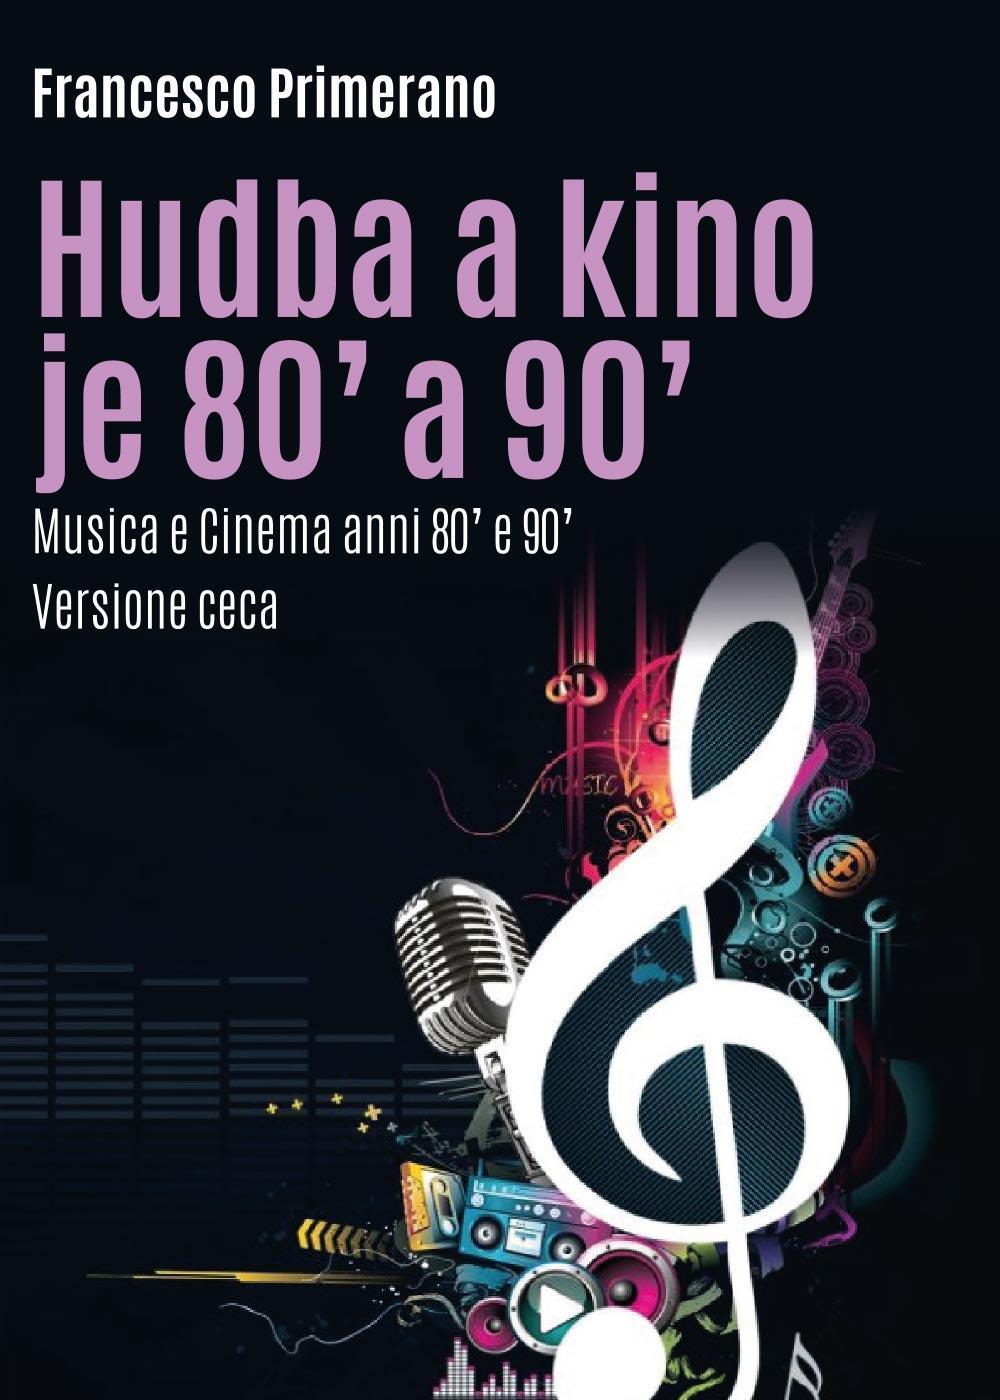 Hudba a kino je 80' a 90' - Musica e Cinema anni 80' e 90' (versione ceca)